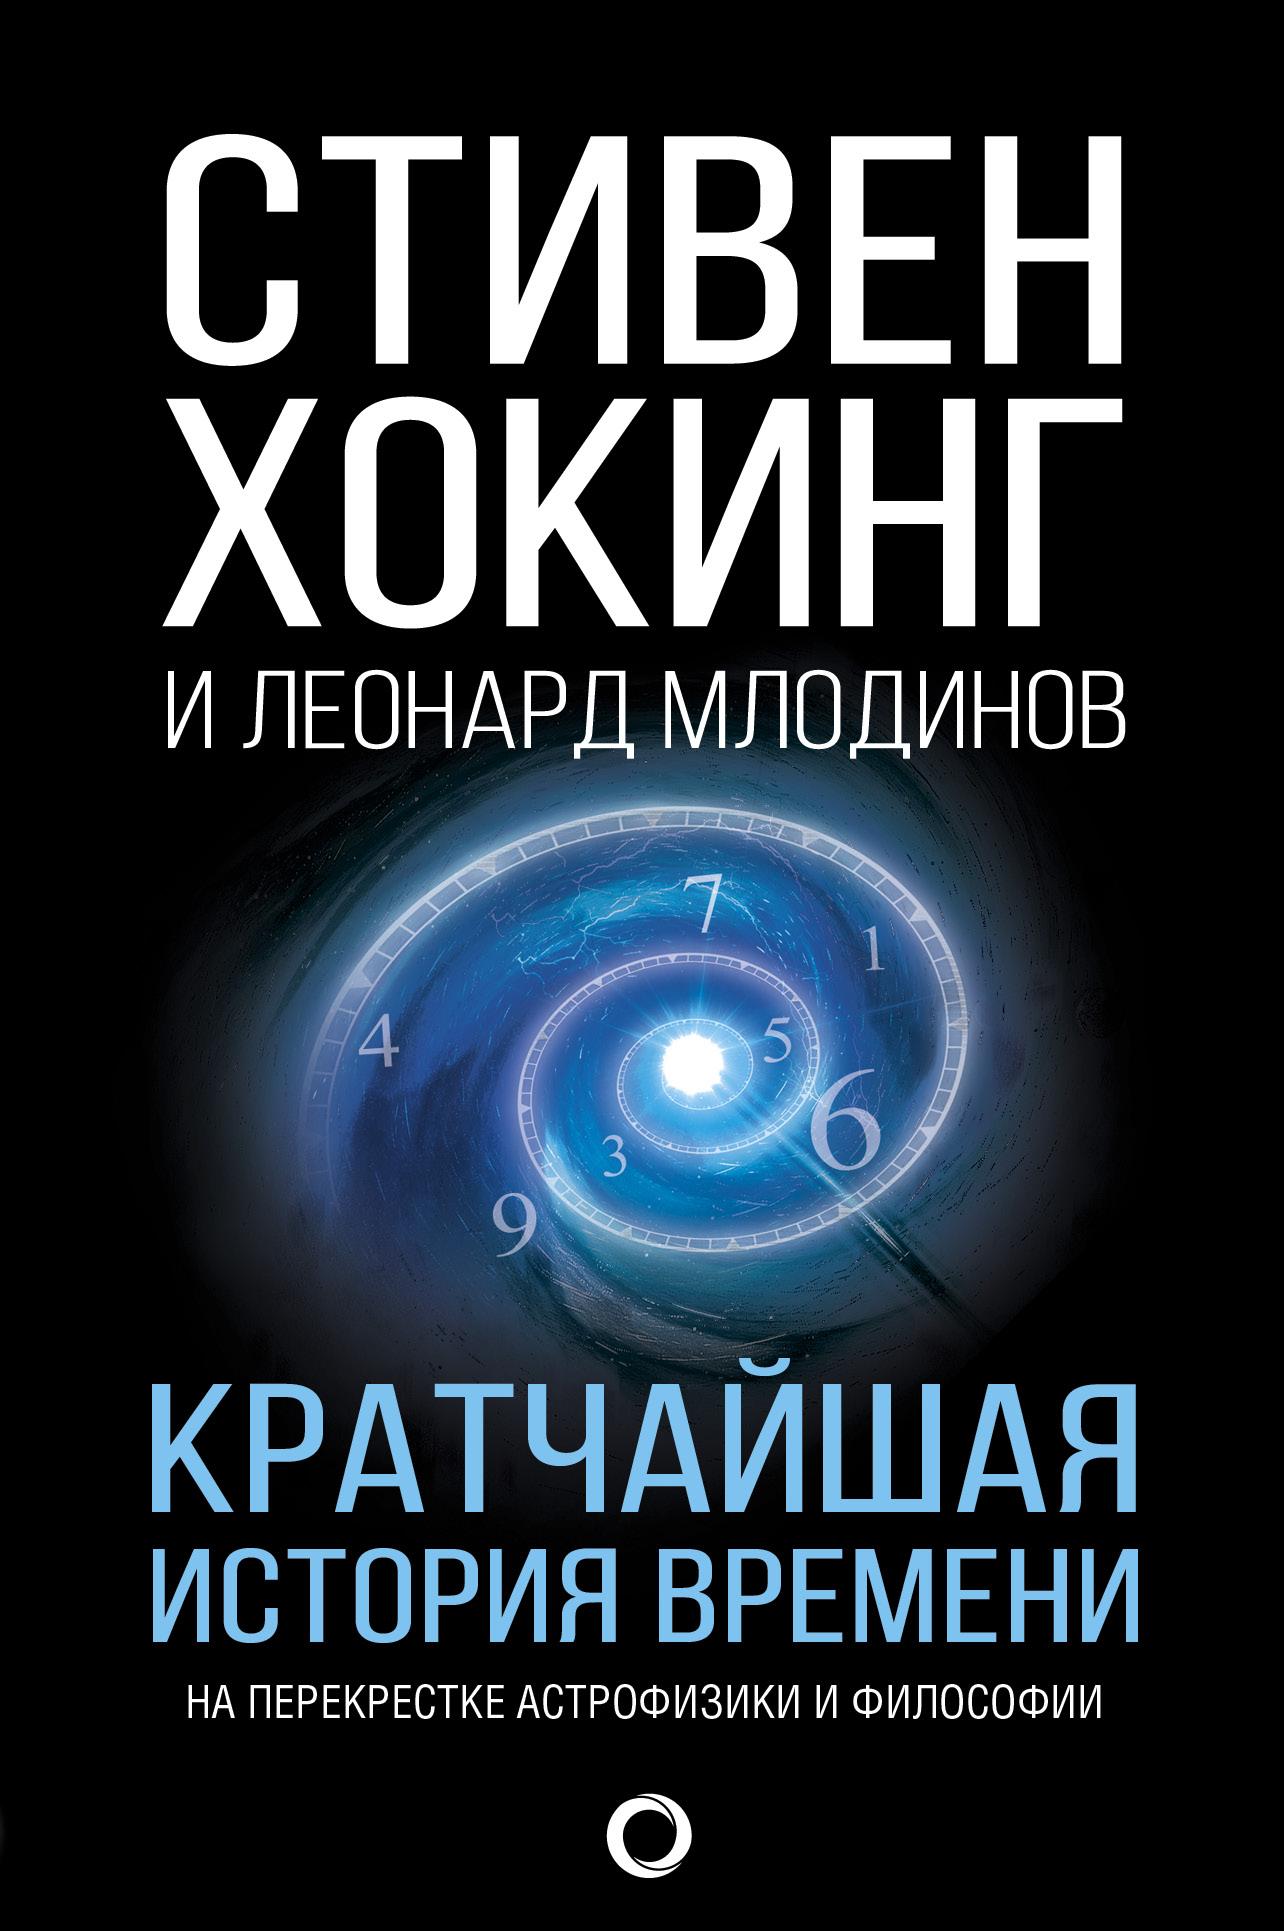 МЛОДИНОВ Л., ХОКИНГ С. Кратчайшая история времени